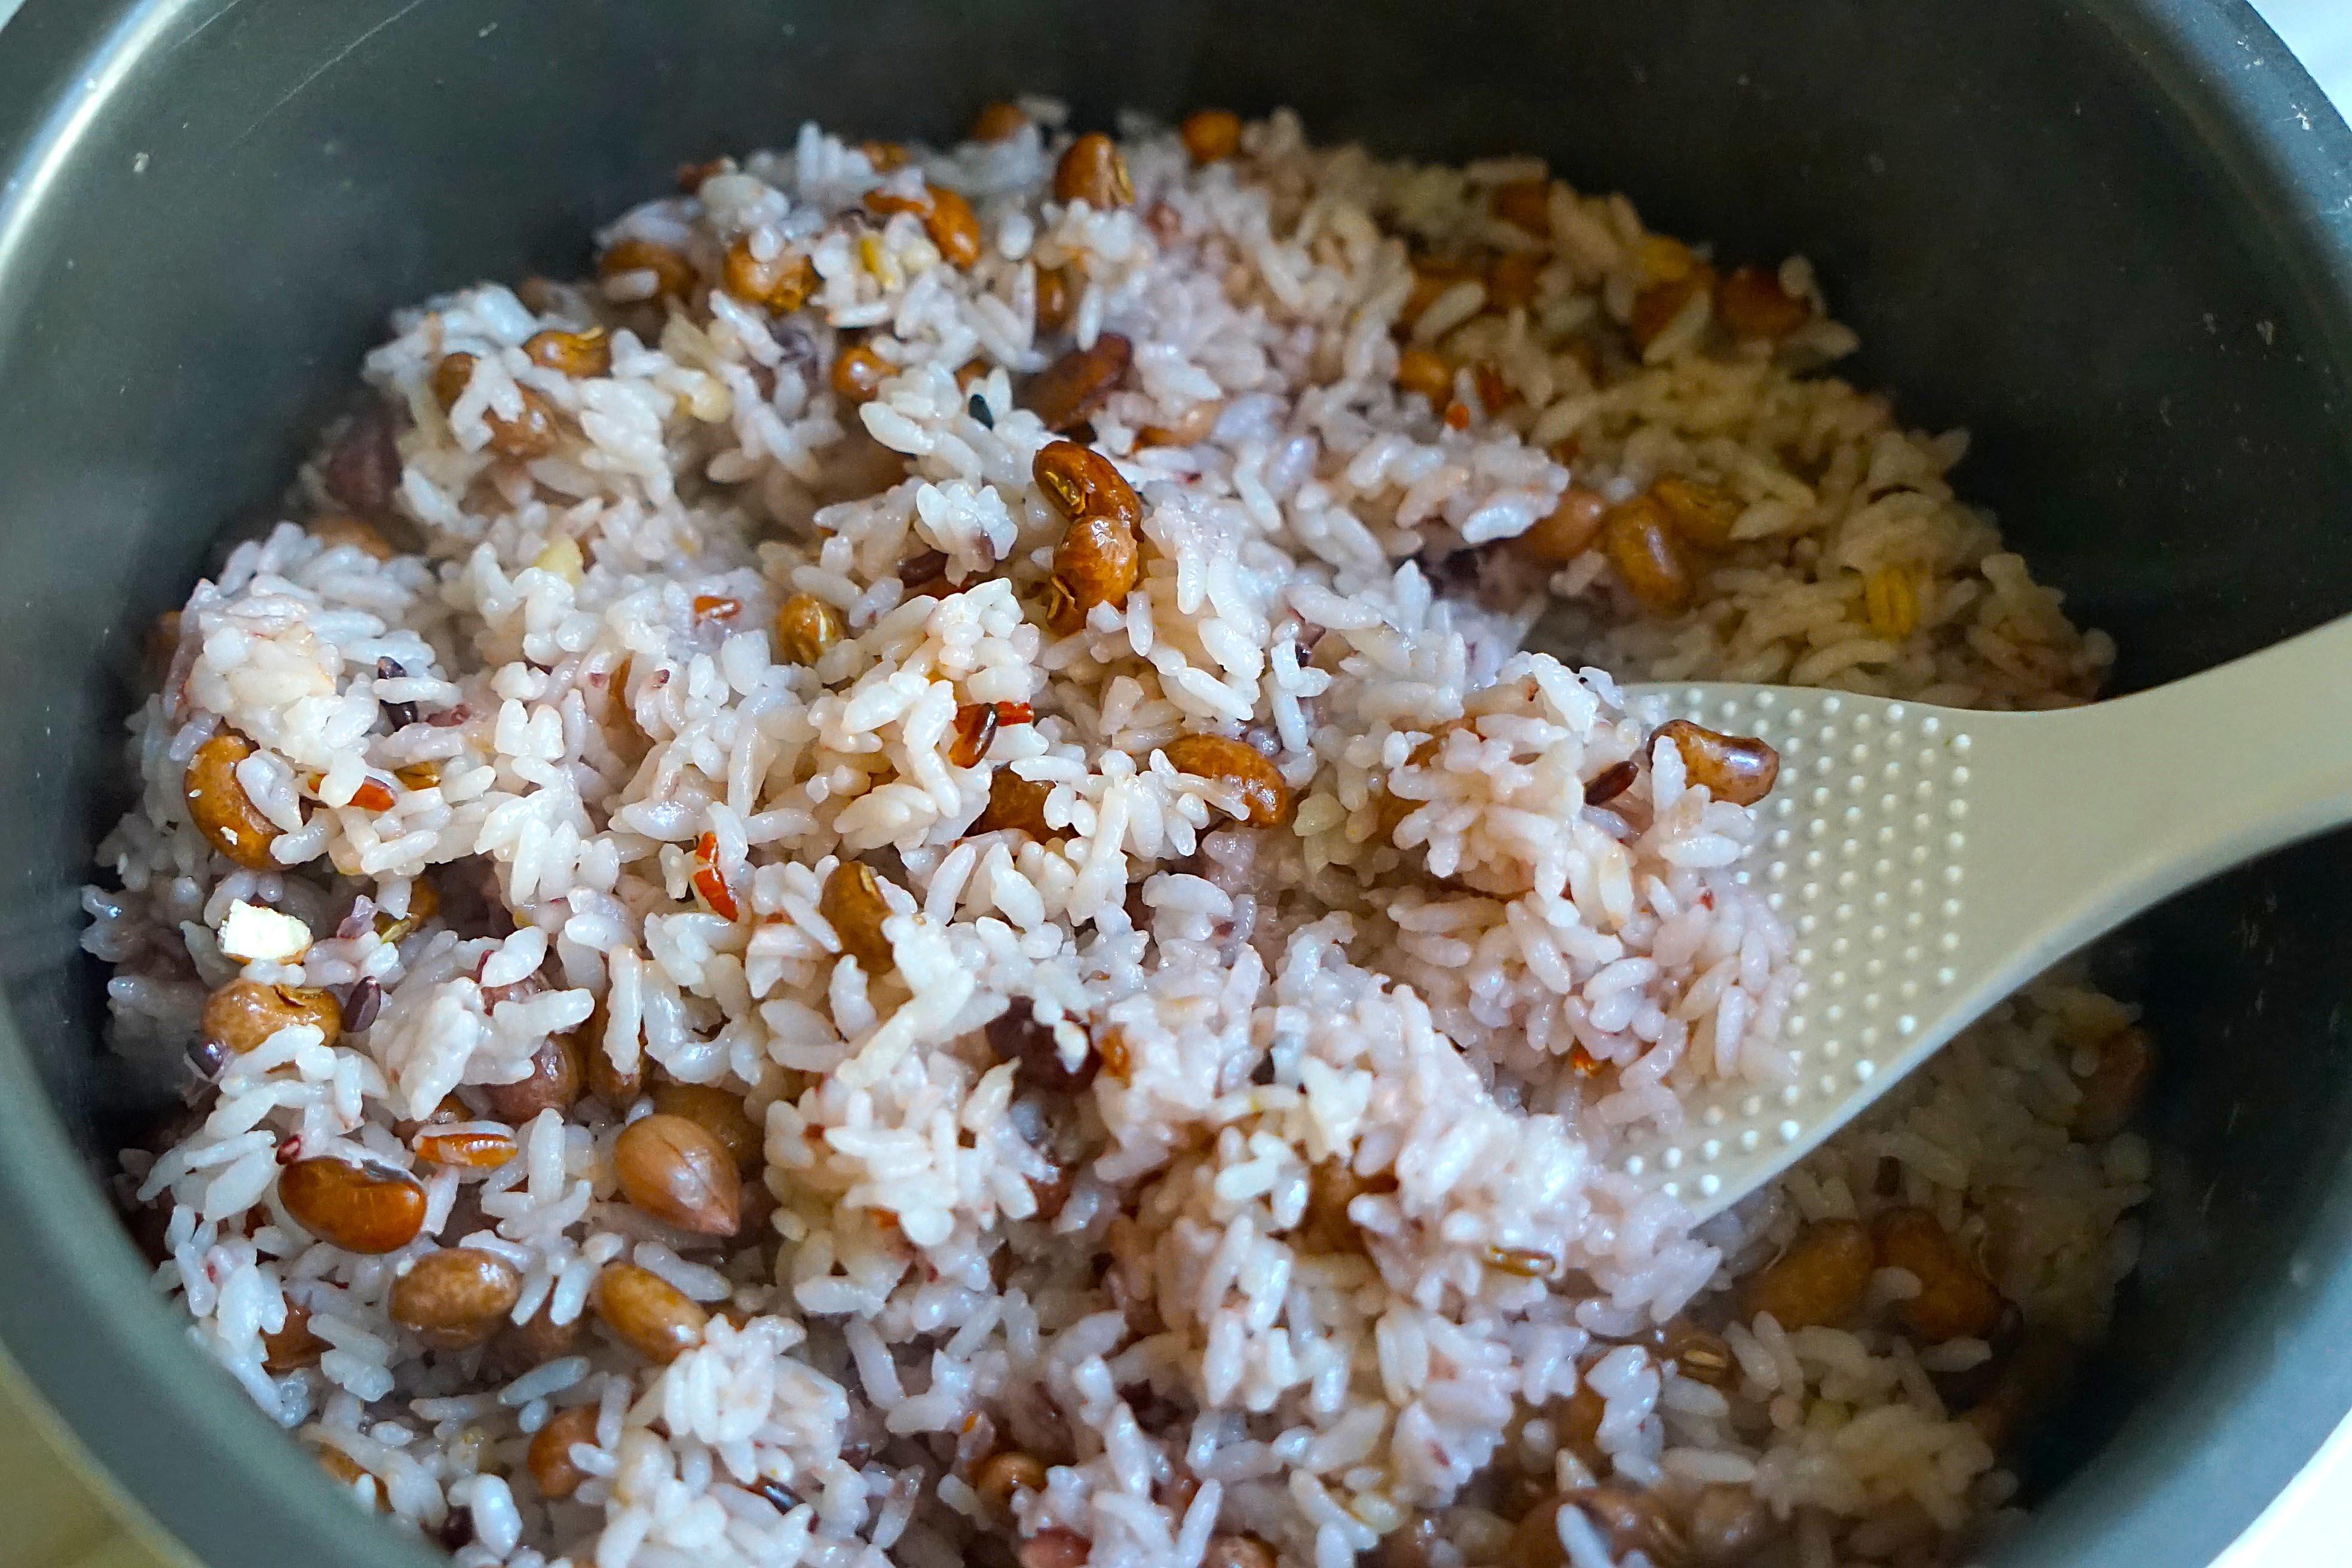 煮米饭别忘加点它既美补肾壮阳3个秘方味还可以增加食欲秋分常吃